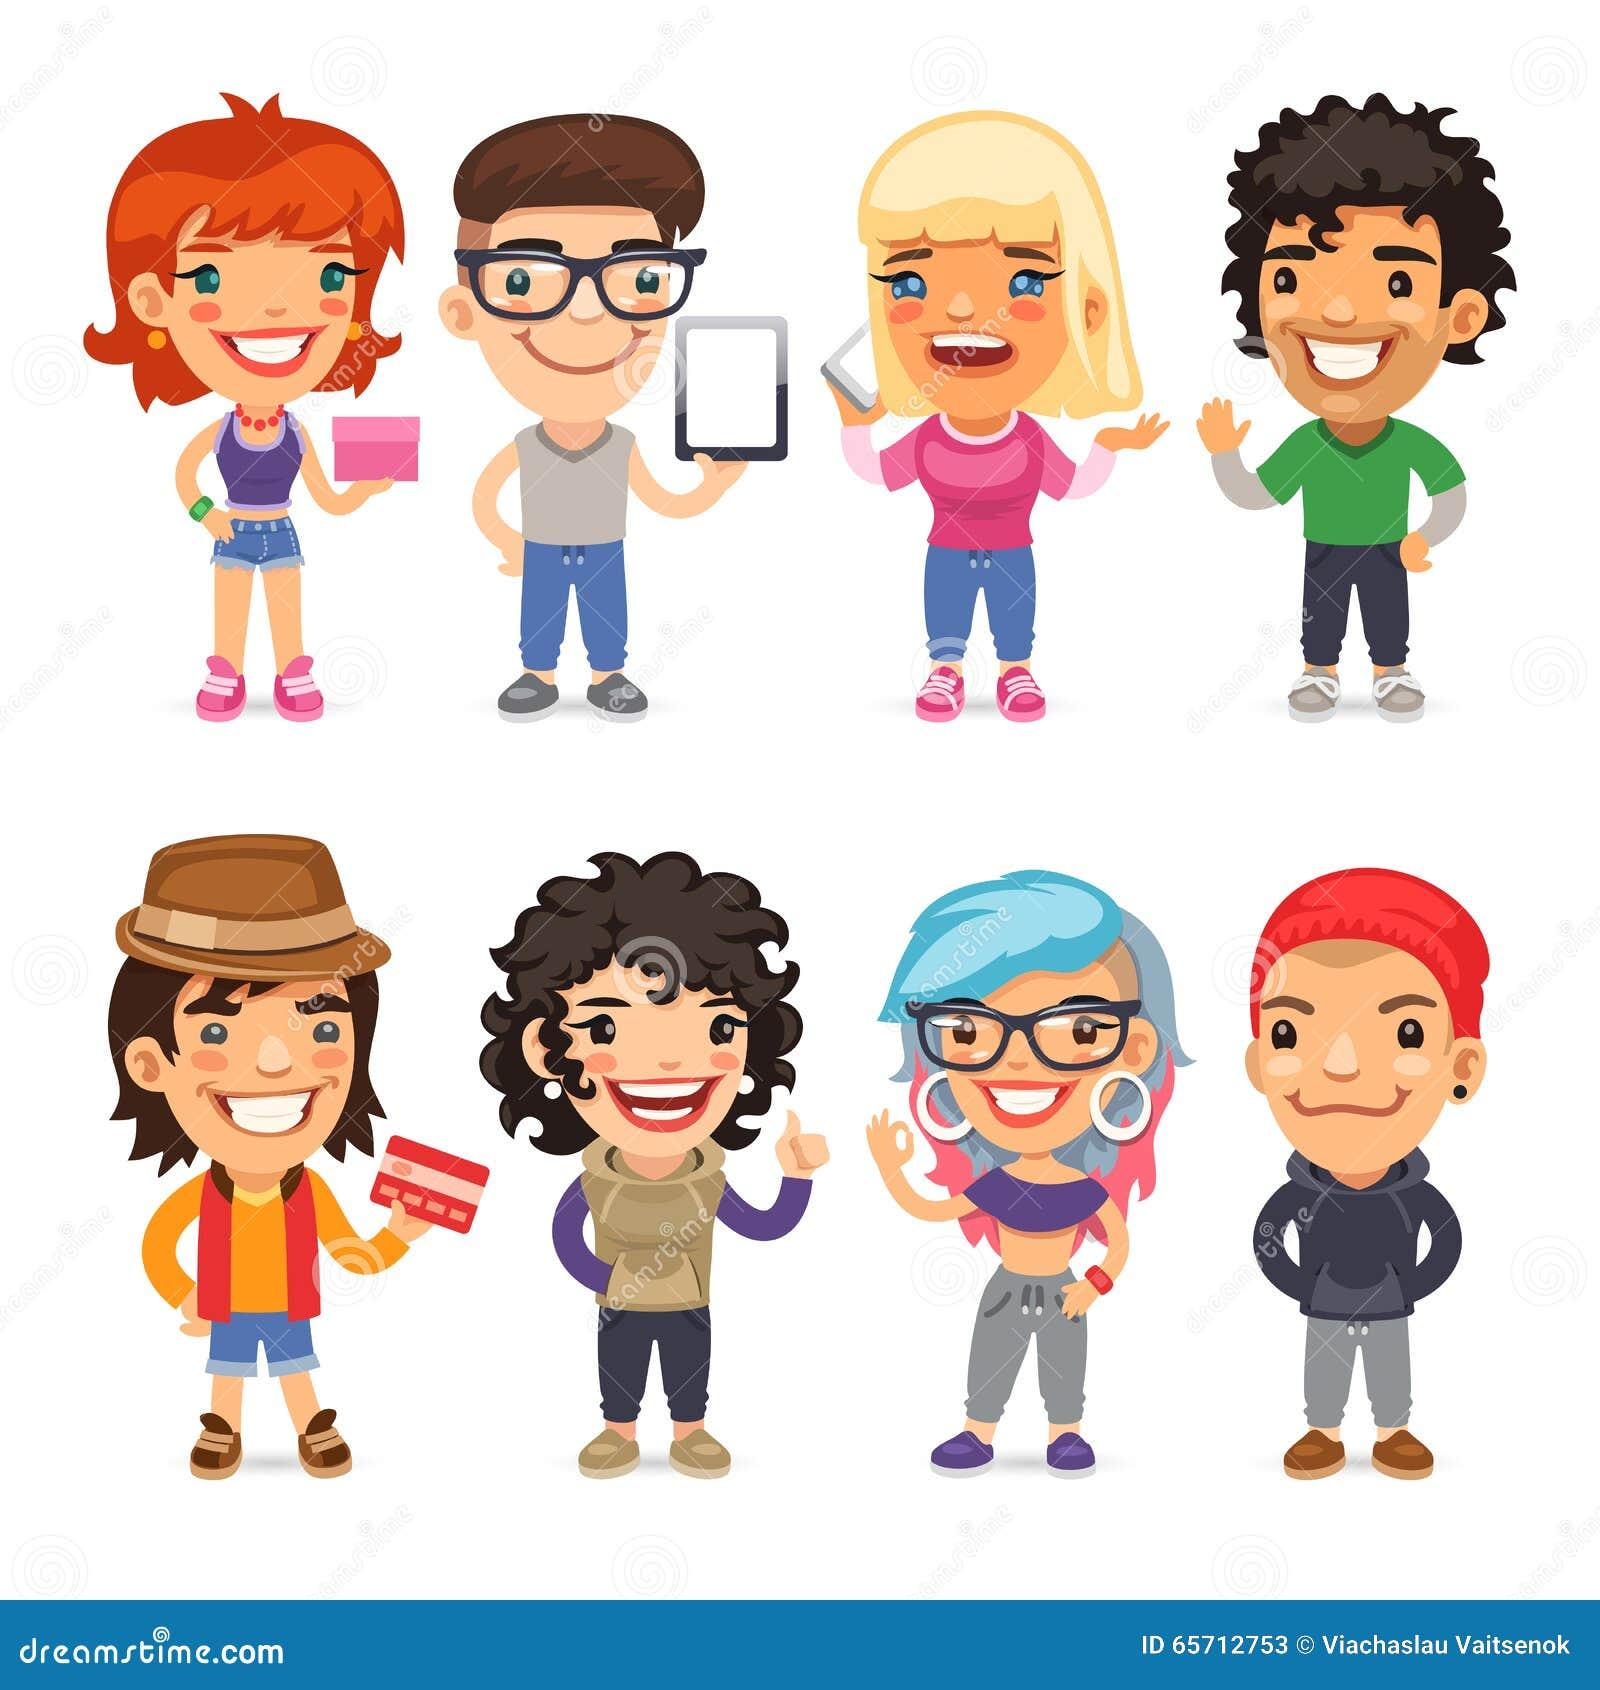 Personnages de dessin anim habill s la mode - Personnage disney dessin ...